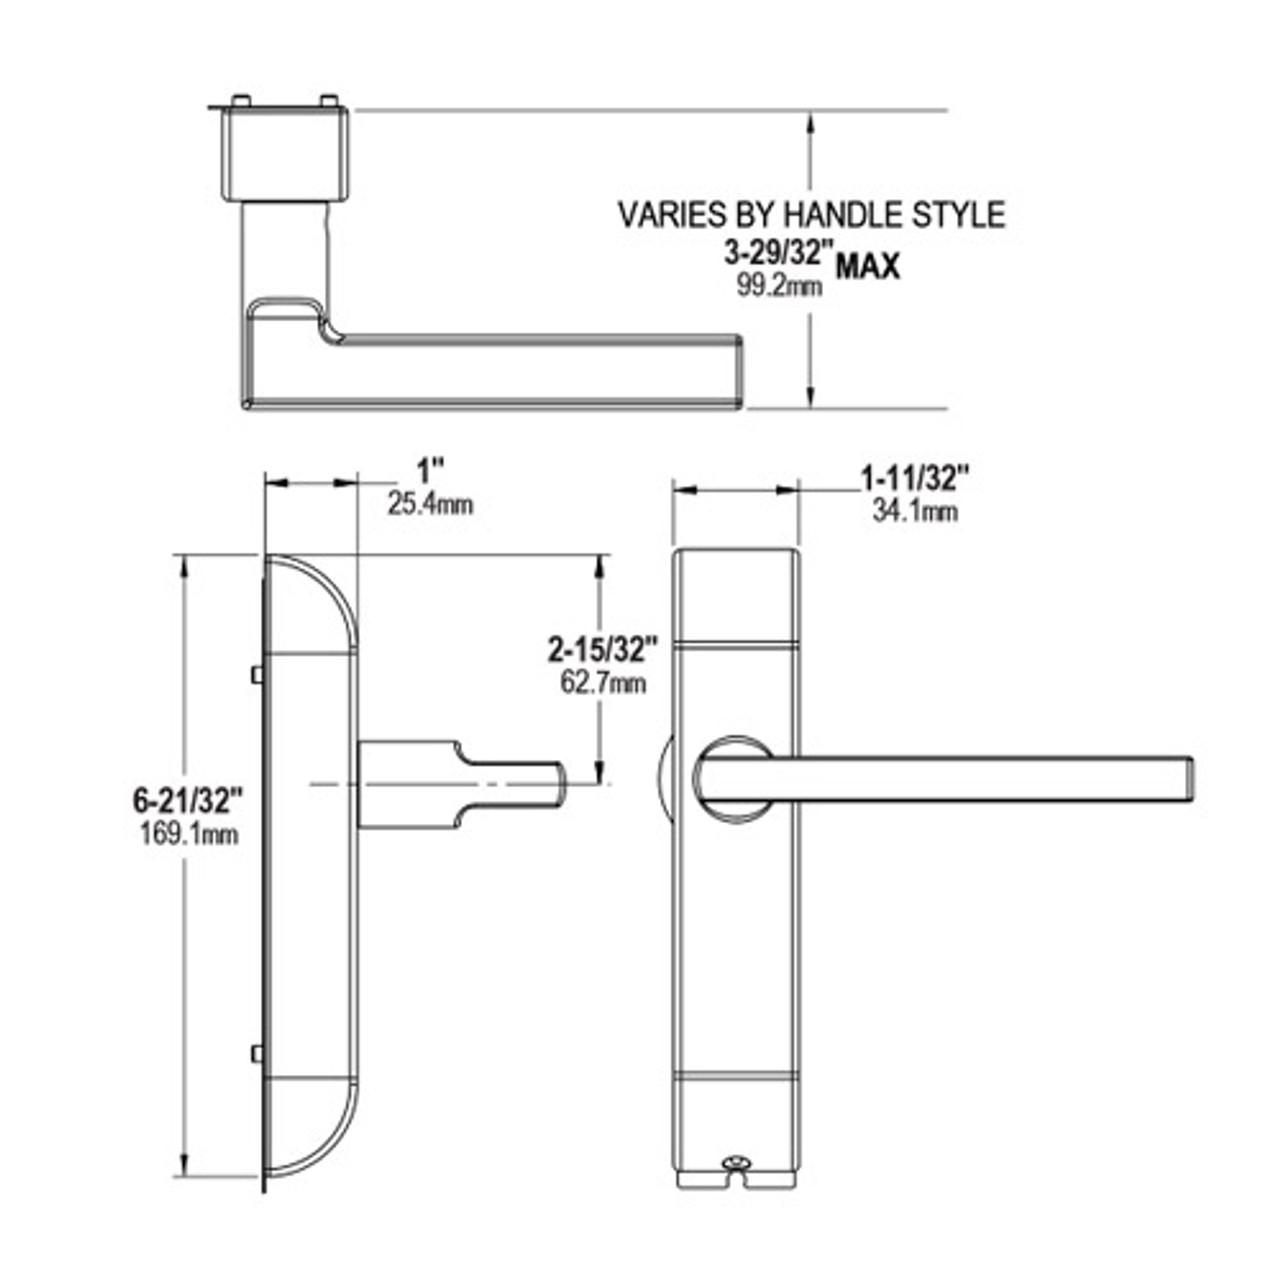 4600-MJ-652-US10B Adams Rite MJ Designer handle Dimensional View